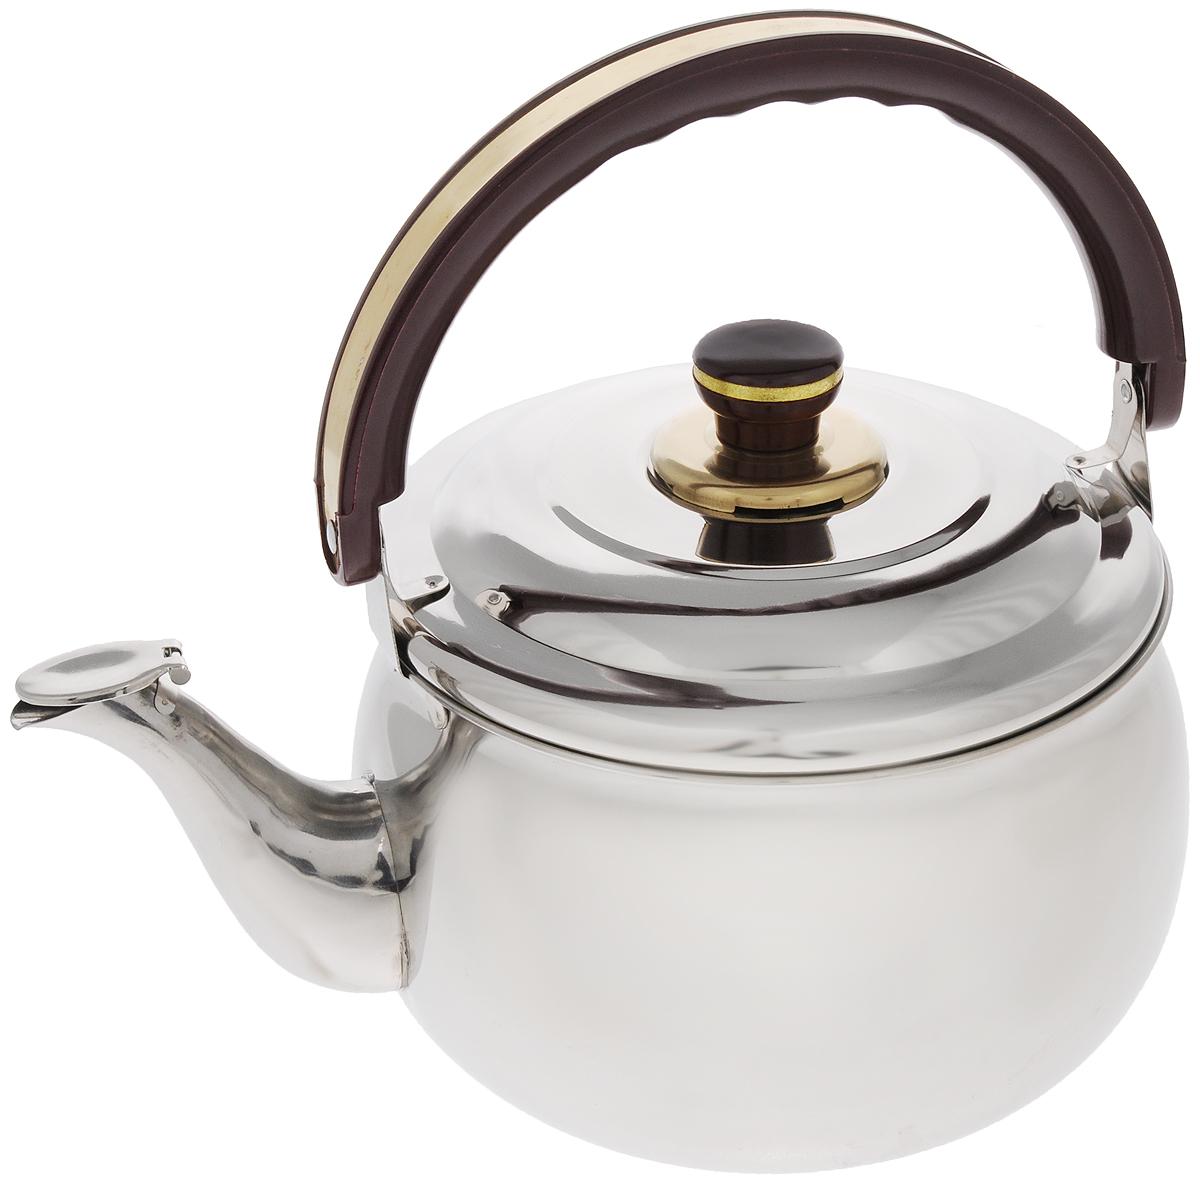 Чайник Mayer & Boch, со свистком, 5 л. 775868/5/4Чайник Mayer & Boch изготовлен из высококачественной нержавеющей стали с зеркальной полировкой. Крышка чайника оснащена свистком, что позволит контролировать процесс подогрева или кипячения воды. Подвижная бакелитовая ручка имеет эргономичную форму, обеспечивая дополнительное удобство при разлитии напитка. Широкое верхнее отверстие позволит удобно налить воду. Чайник подходит для электрических, газовых, стеклокерамическихи индукционных плит. Можно мыть в посудомоечной машине.Диаметр чайника по верхнему краю: 20,5 см. Диаметр основания: 16,5 см. Высота чайника (без учета ручки и крышки): 13,5 см. Высота чайника (с учетом ручки и крышки): 28,5 см.